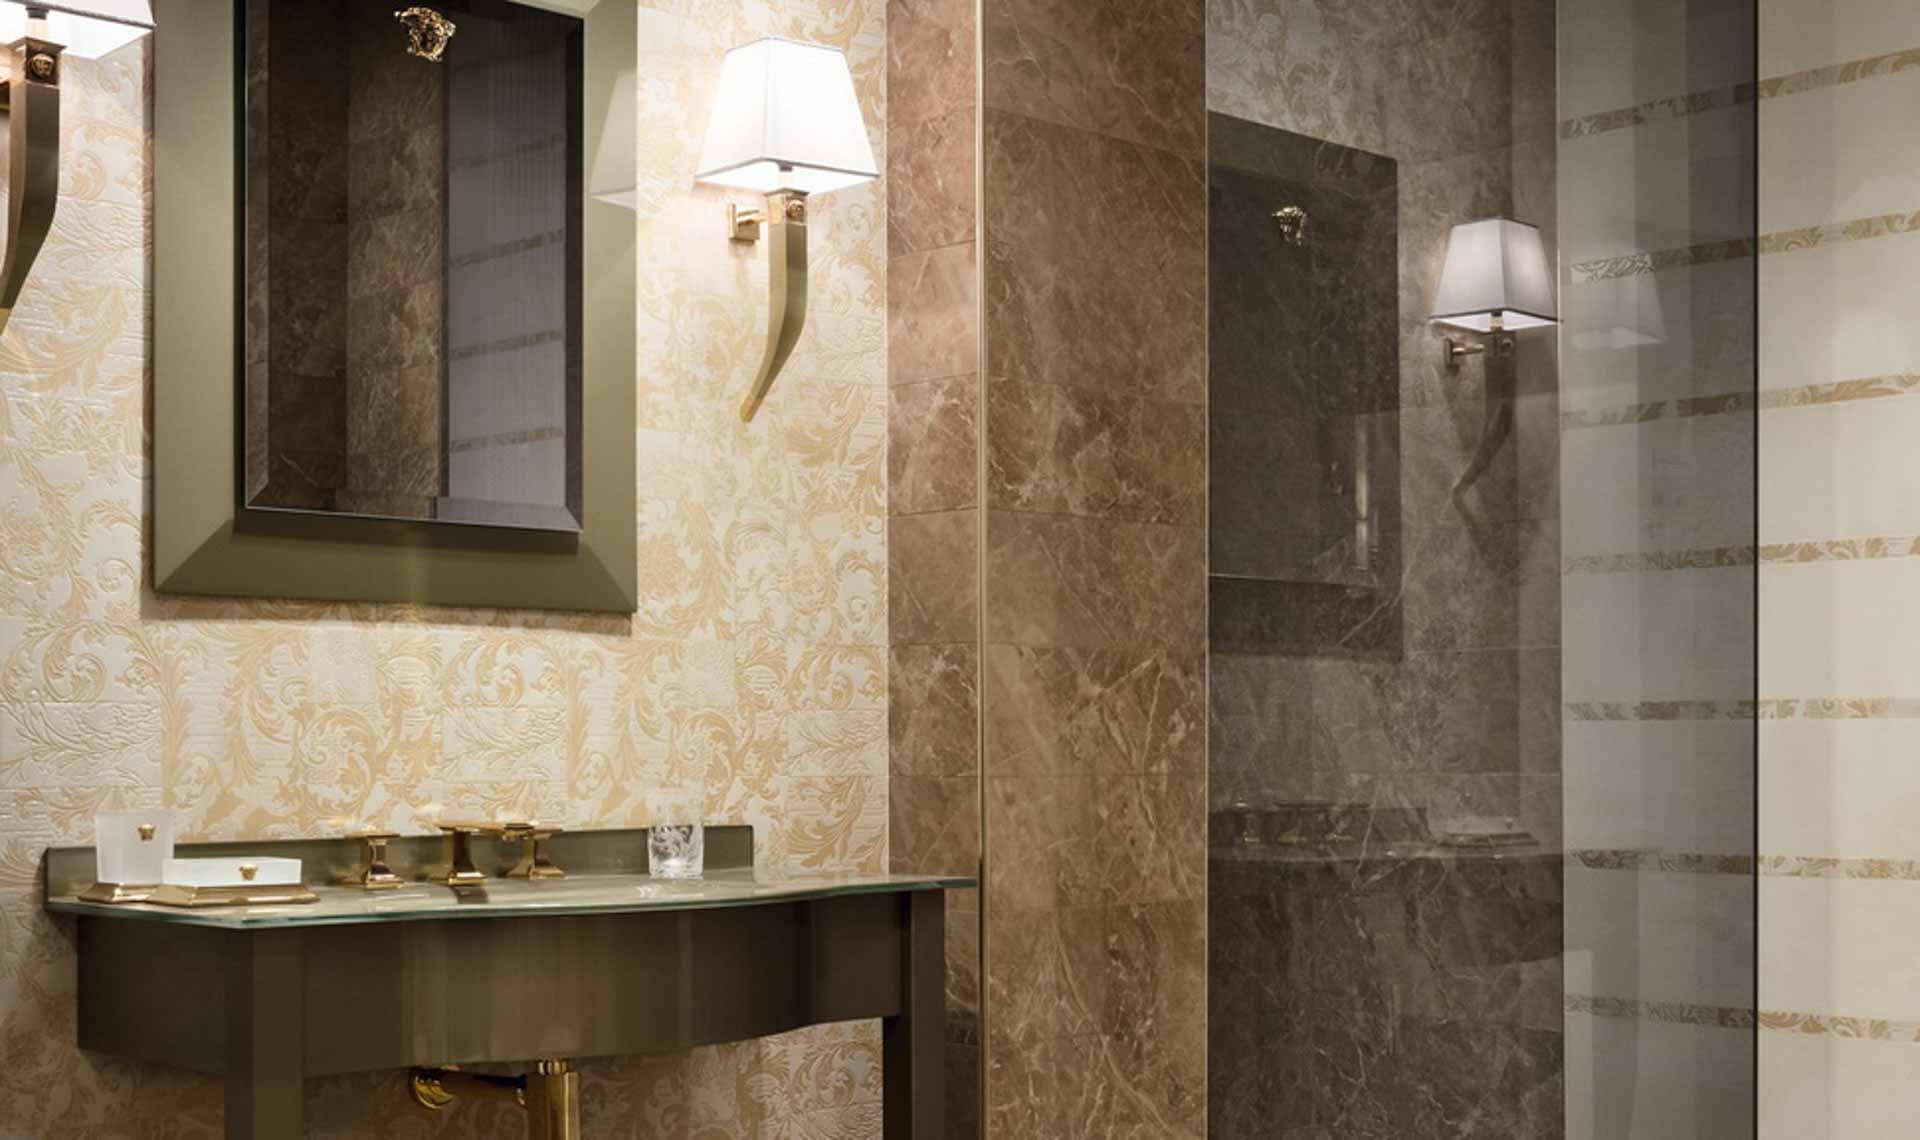 mattonelle bagno versace ~ Comarg.com = Interior Design ed ...